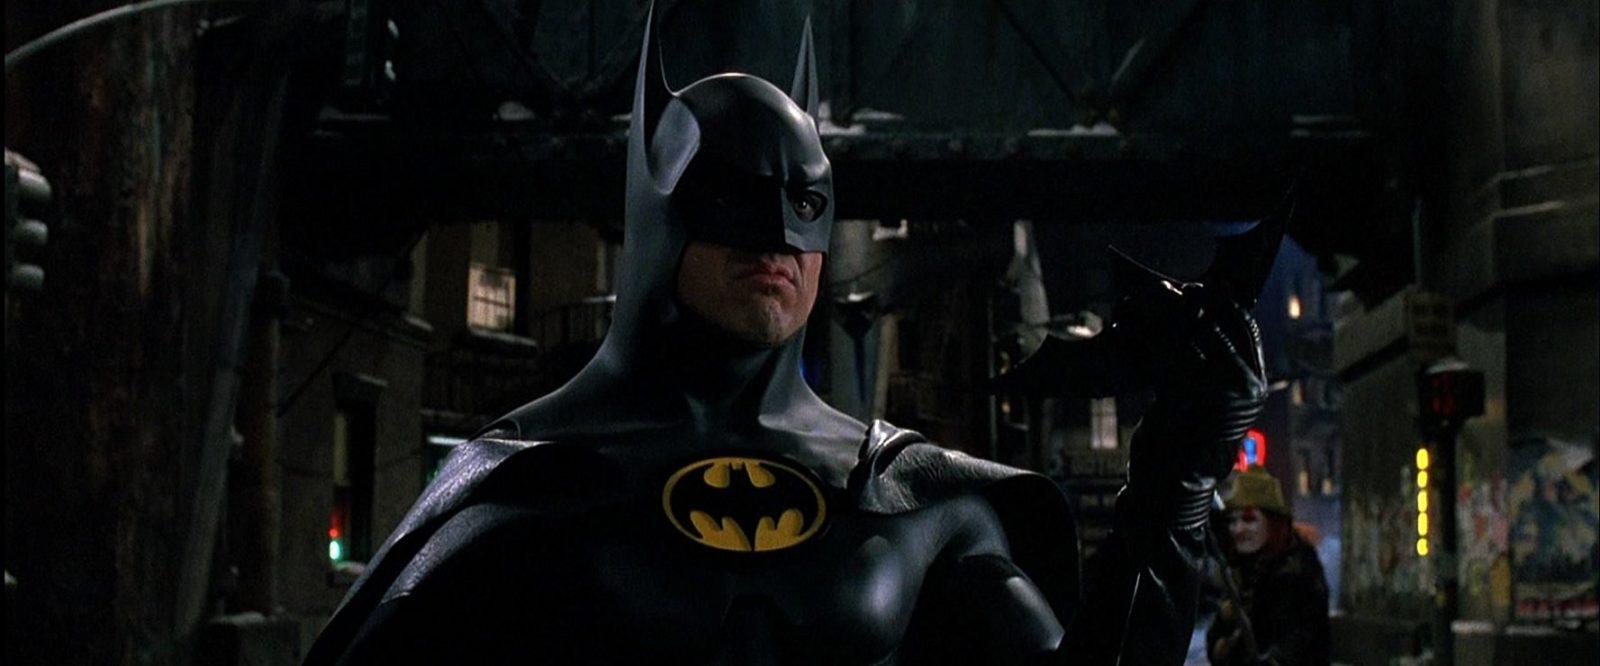 Подтверждено участие Бэтмена Майкла Китона во «Флеше»